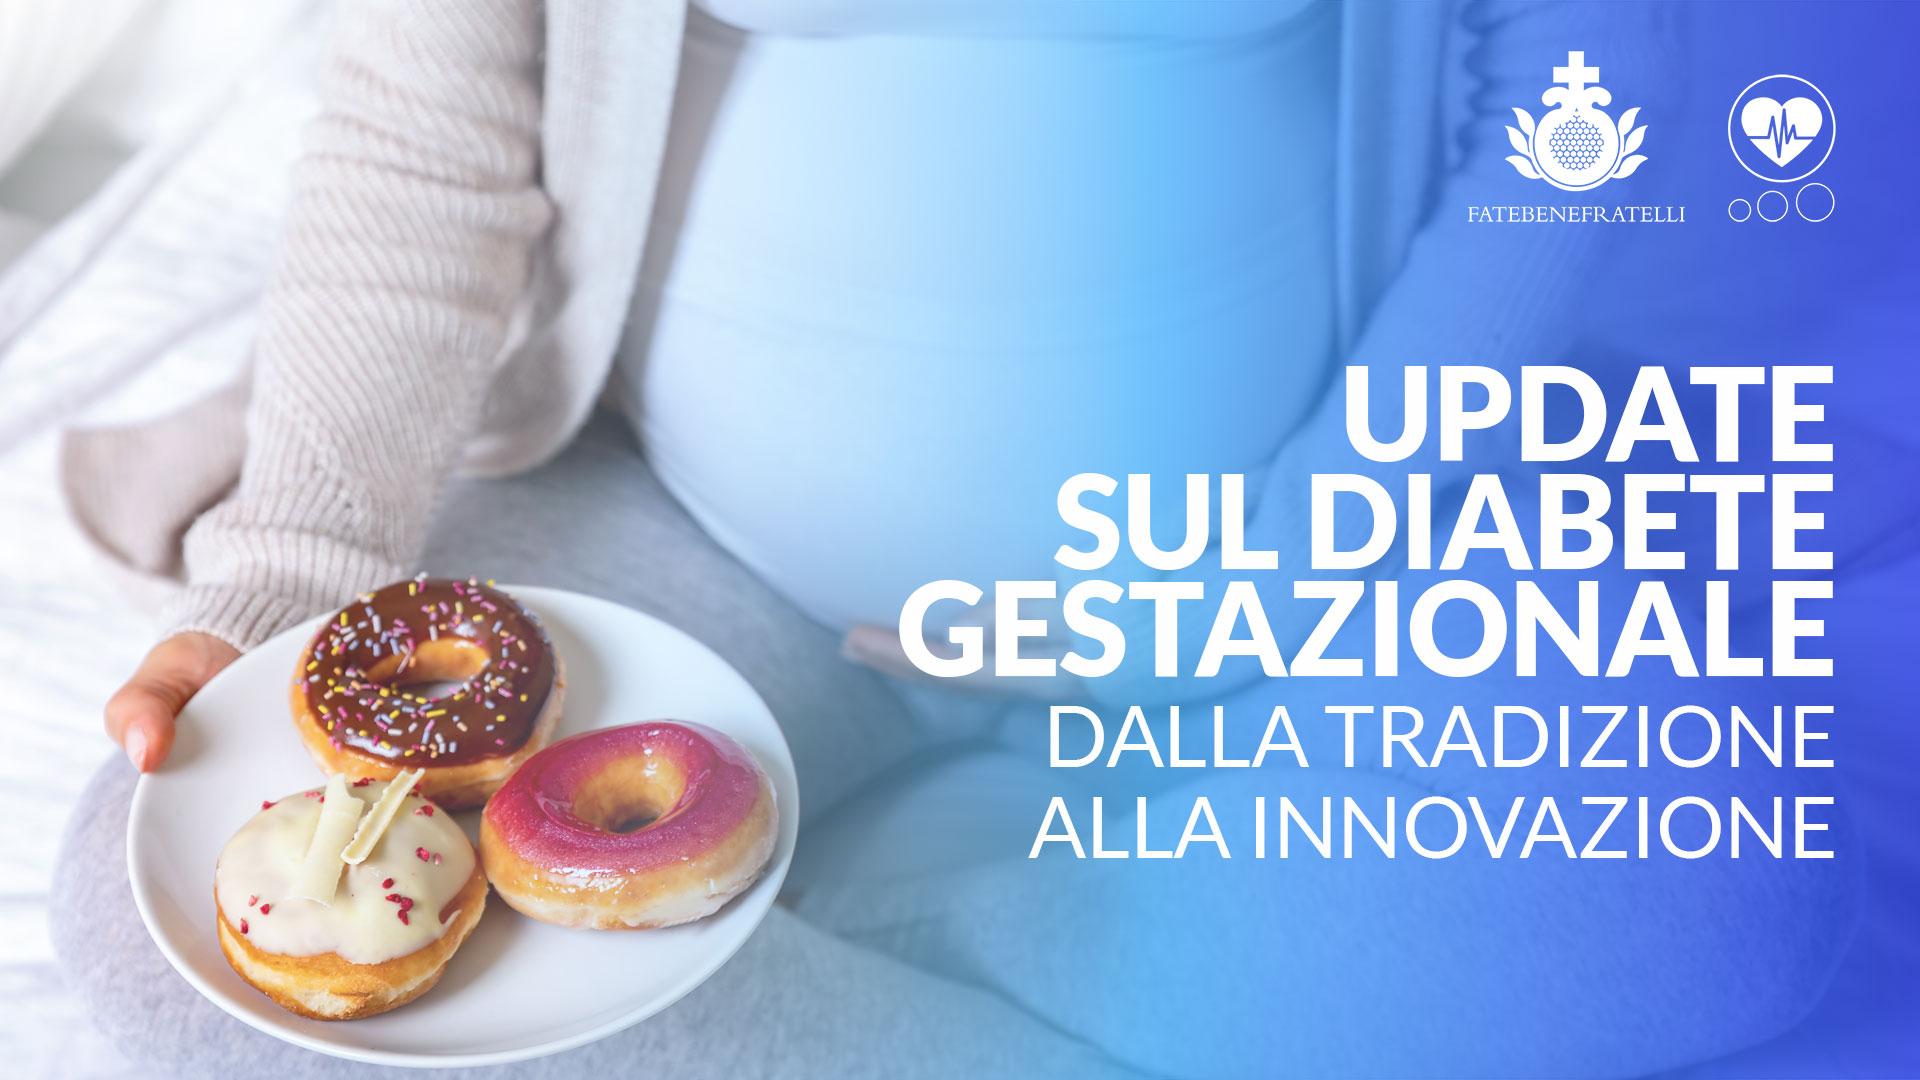 Update sul diabete gestazionale. Dalla tradizione alla innovazione